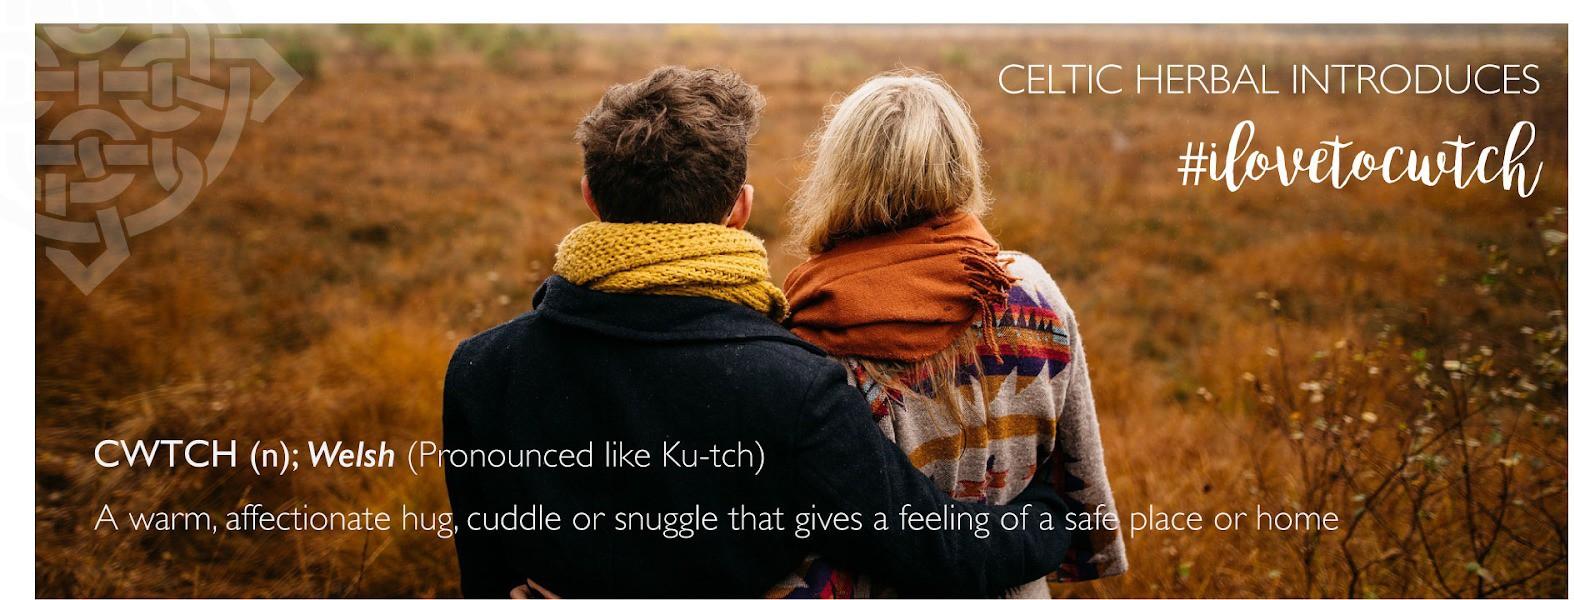 """Cwtch: Một từ mới đang gây """"bão"""" trong giới trẻ Châu Âu và câu chuyện cảm động đằng sau nó - Ảnh 1."""